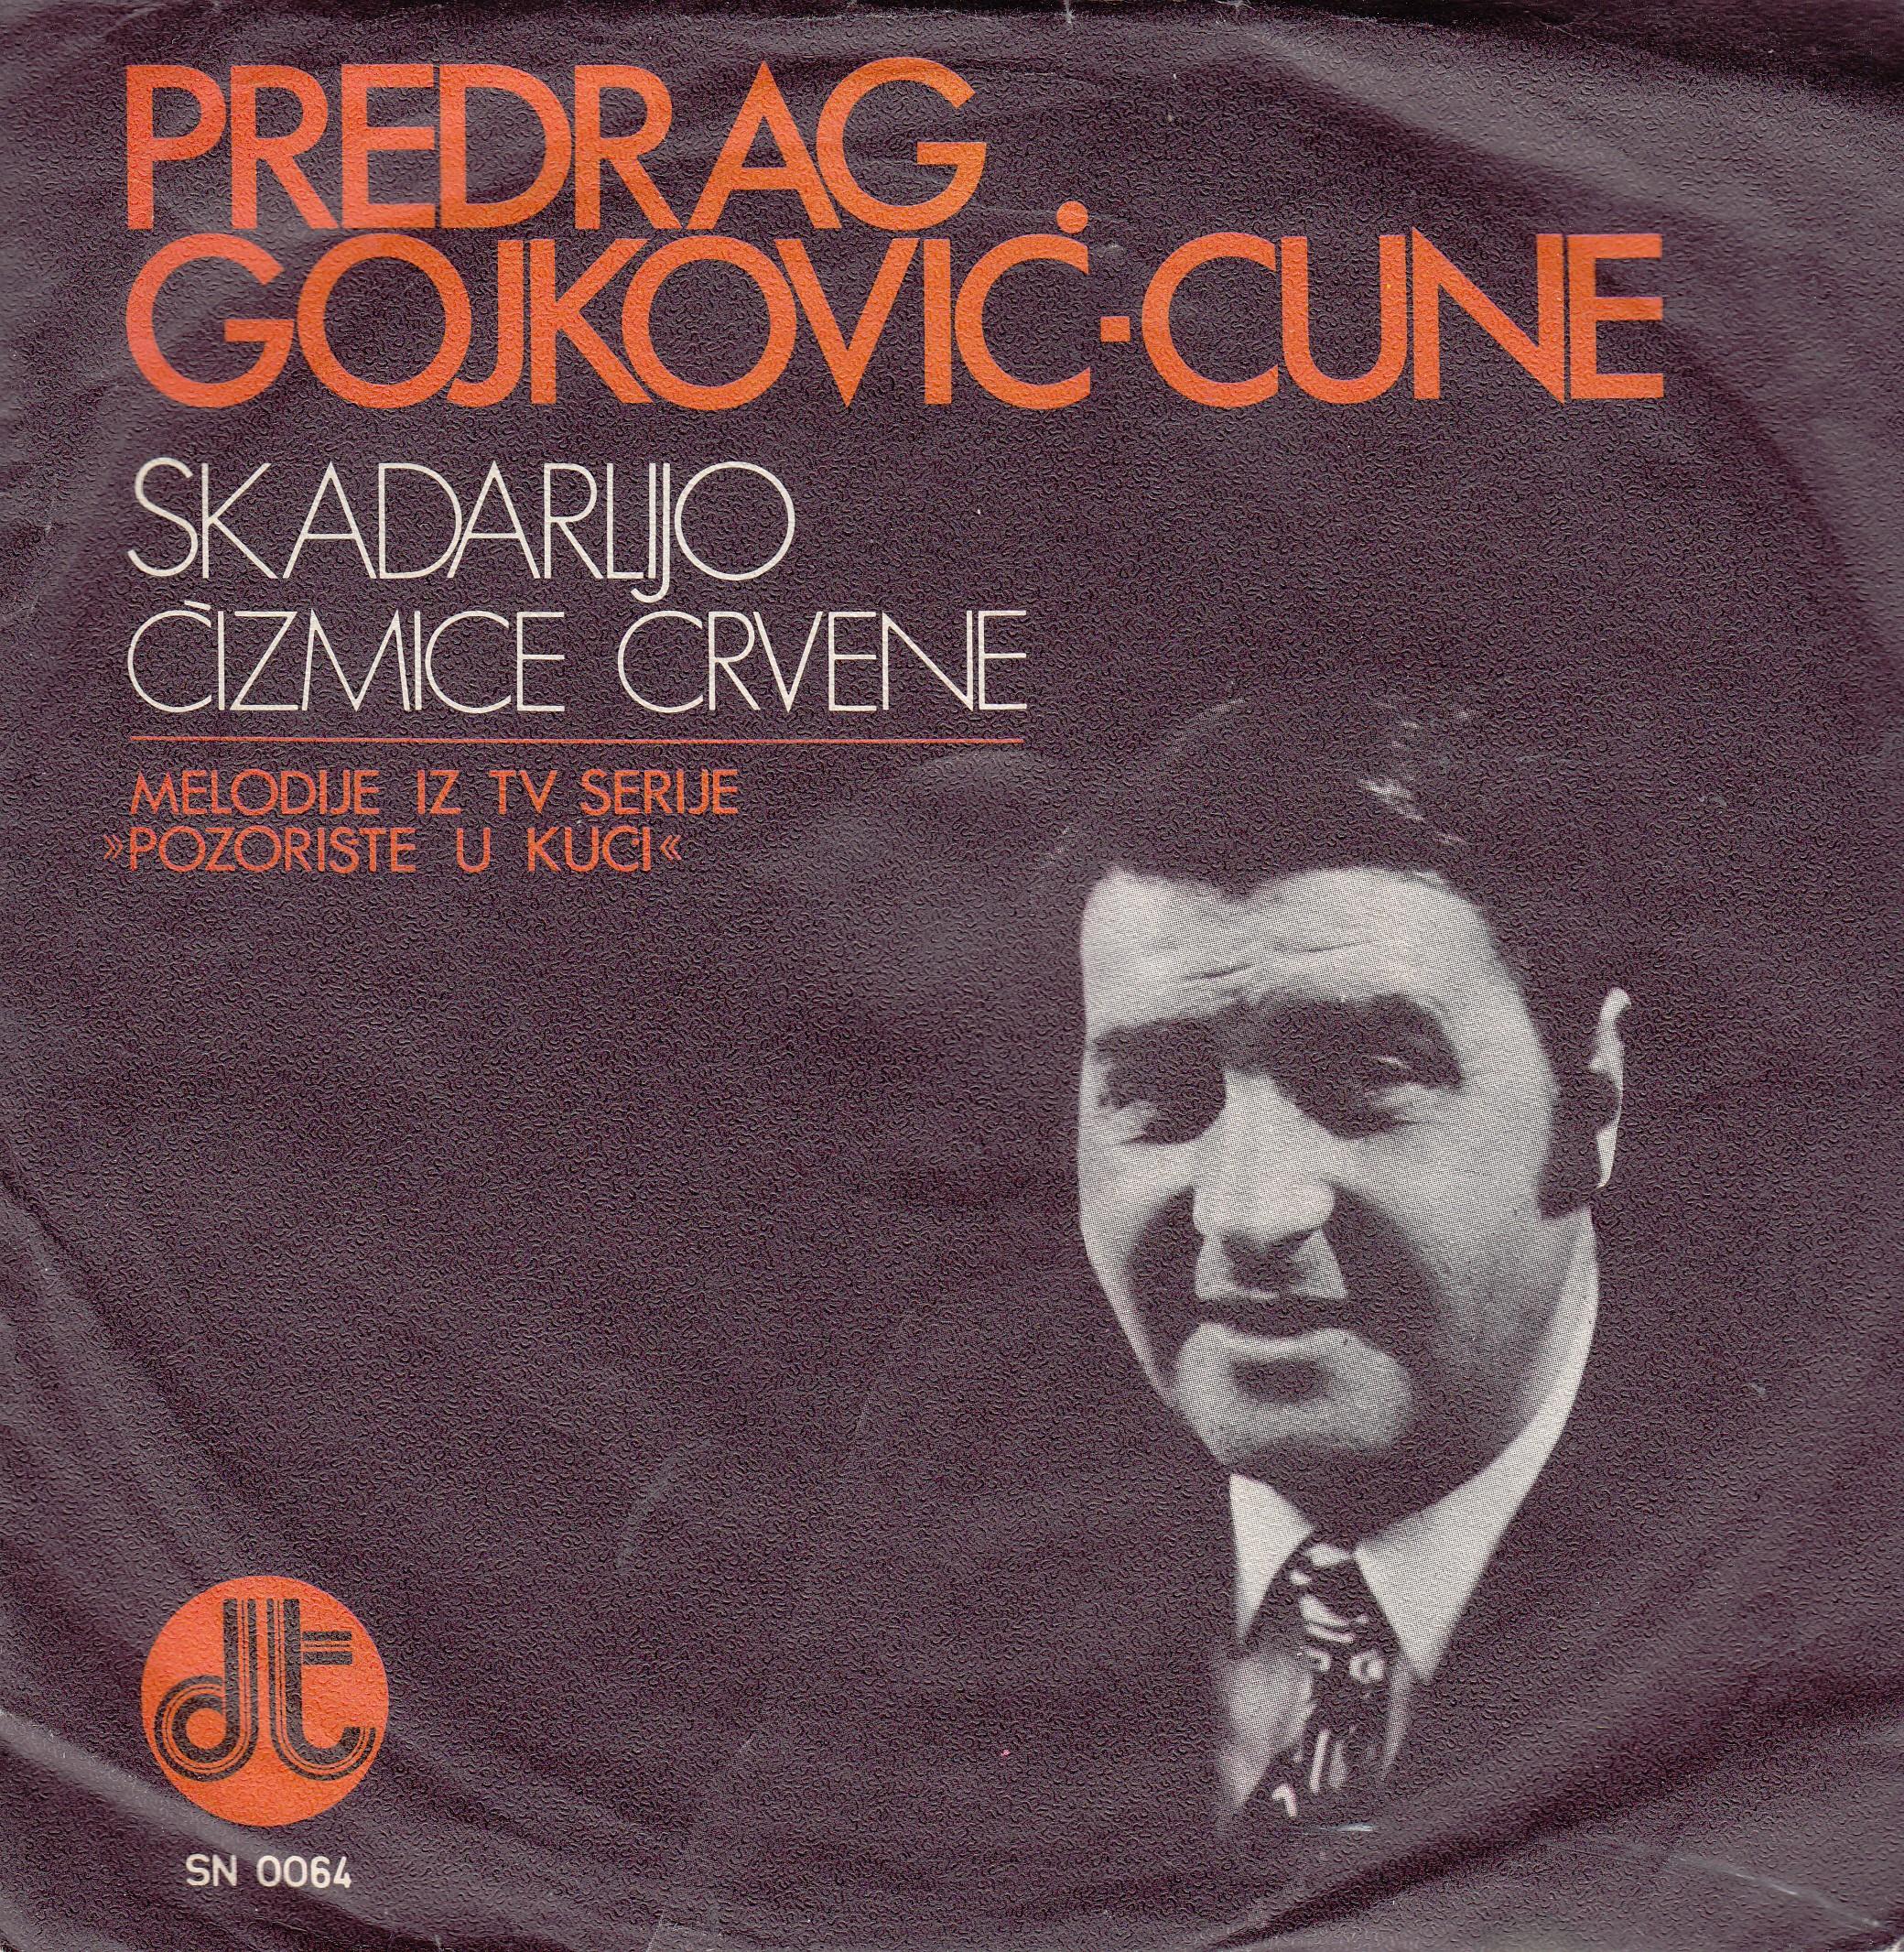 Gojkovic Predrag Cune - Skadarlijo/cizmice Crvene